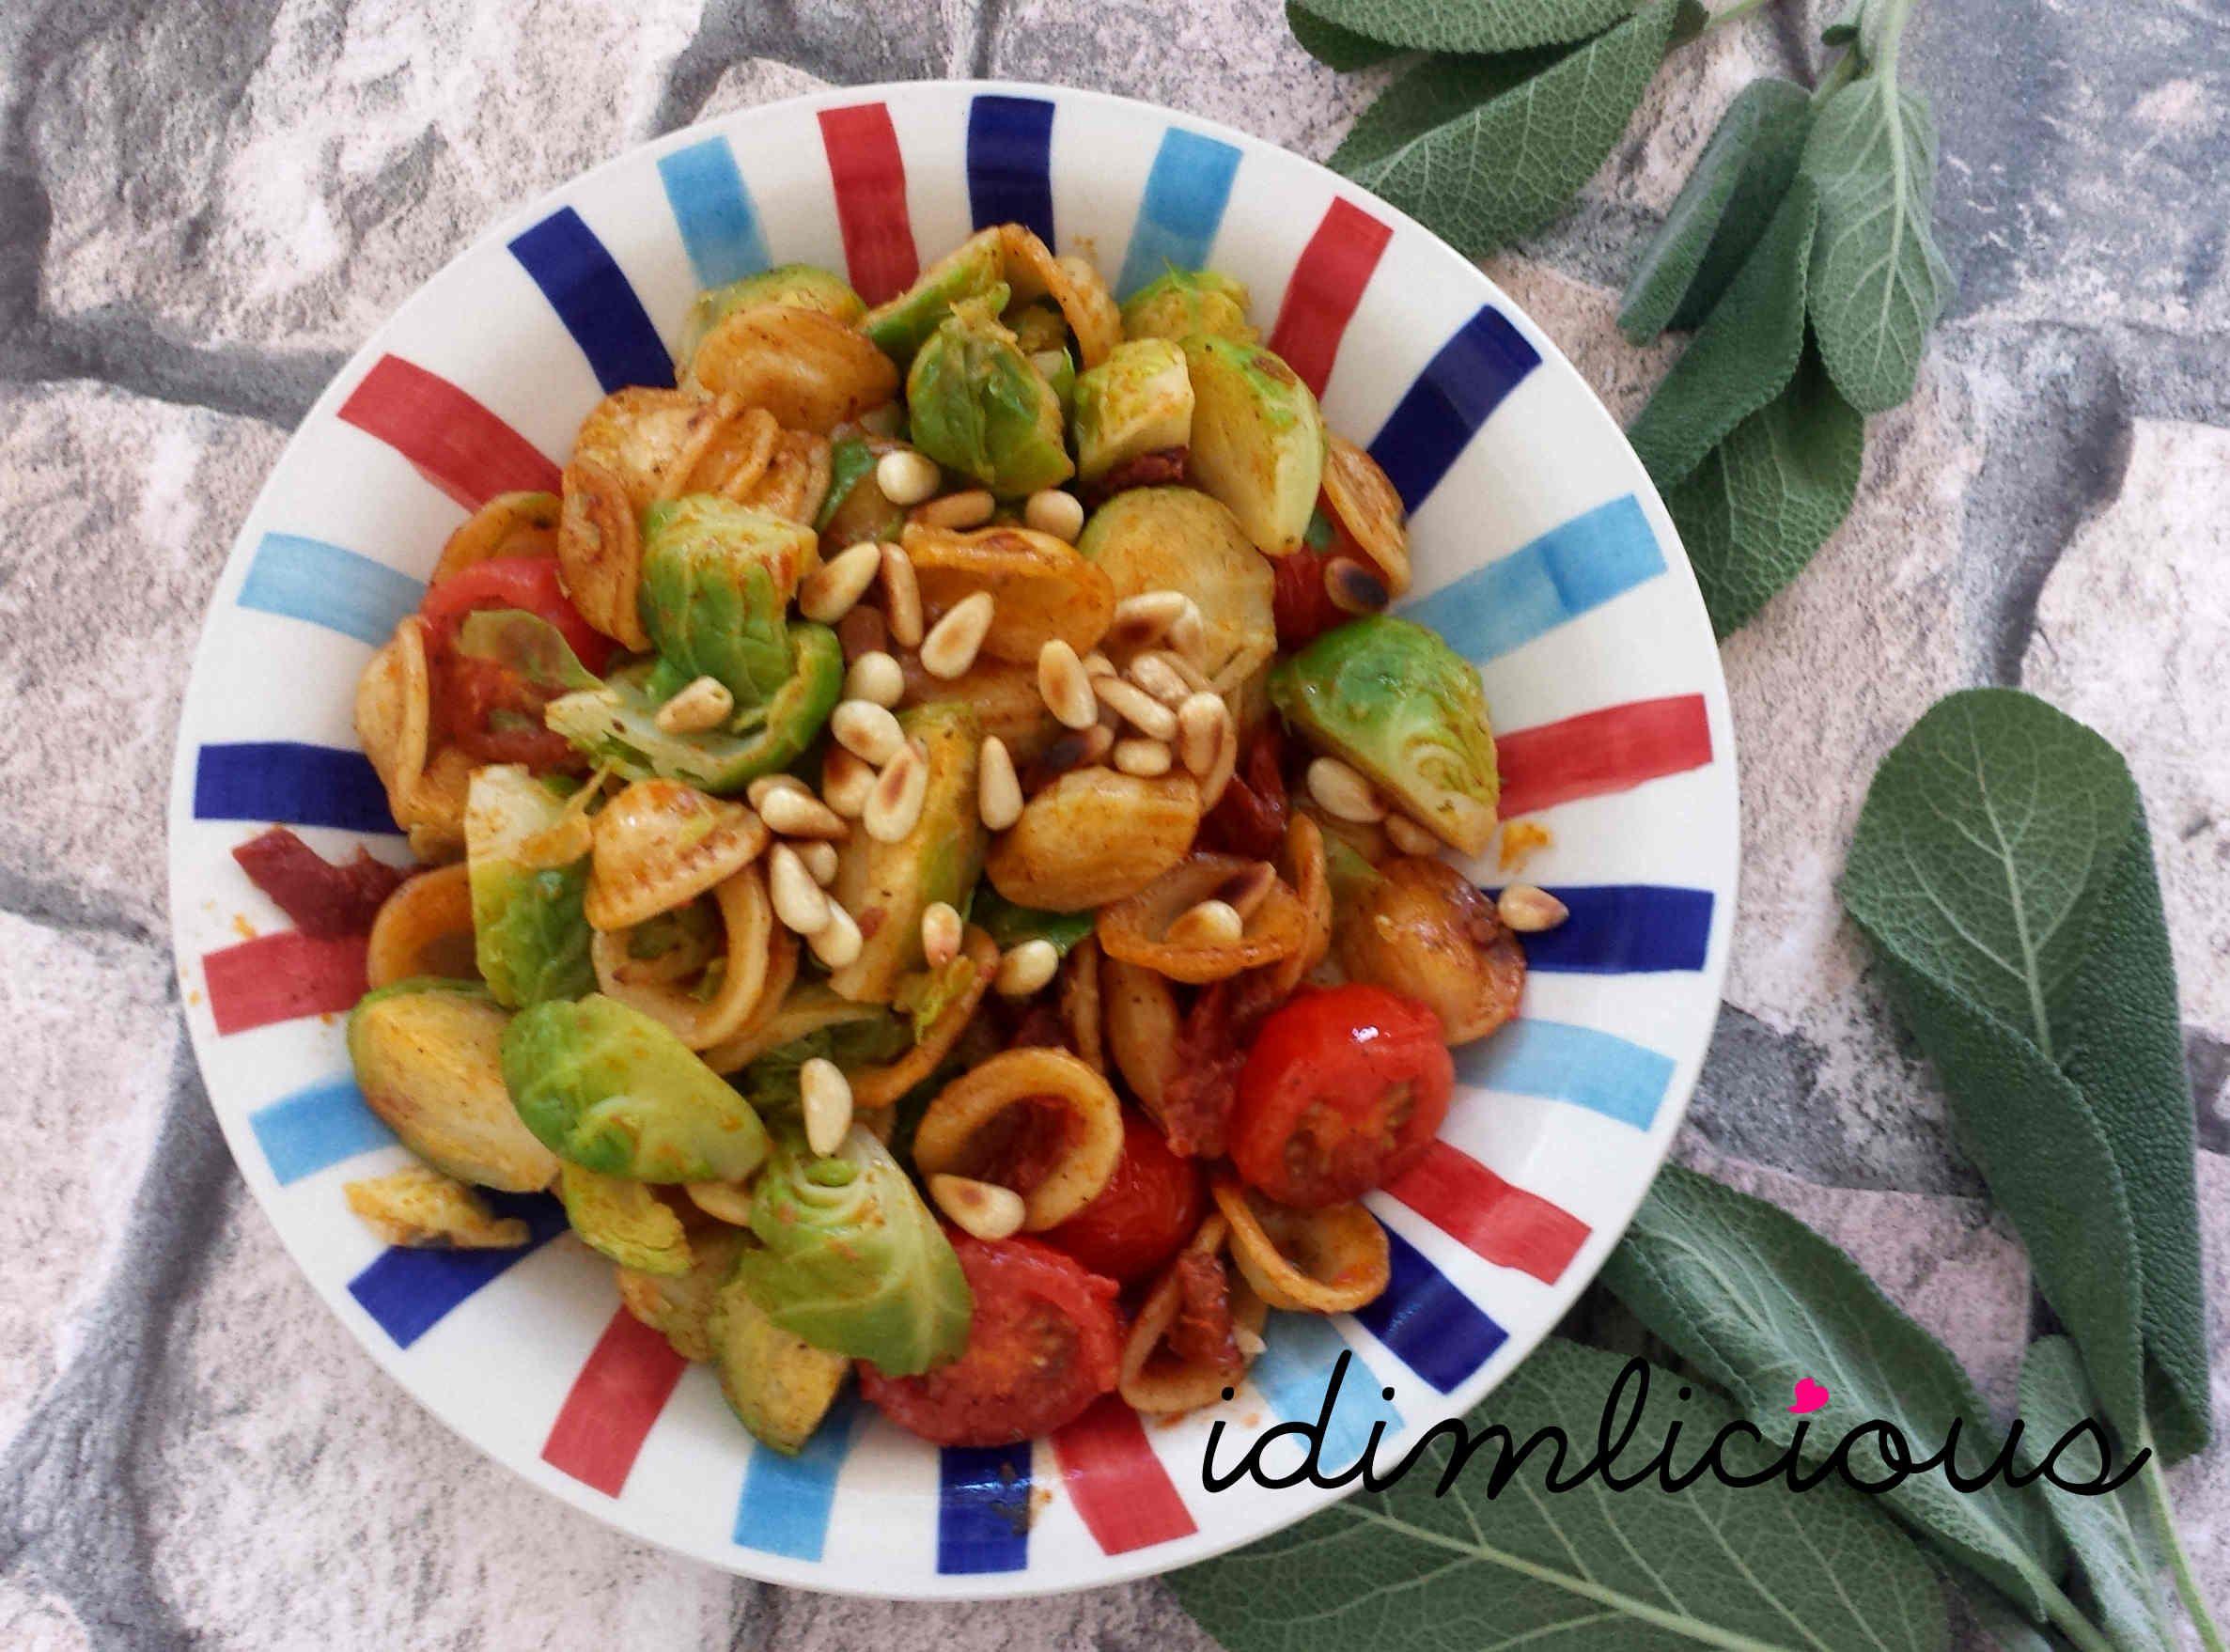 My new favourite vegetable:  #brussels sprouts #Butter #Cocktailtomaten #Gemüse #gesund #getrocknete Tomaten #Herbstgemüse #Kraut #lecker #Pasta #Pastagericht #Pinienkerne #Rosenkohl #Salbei #tasty #Tomaten #vegetables #vegetarian #vegetarsich #yummy